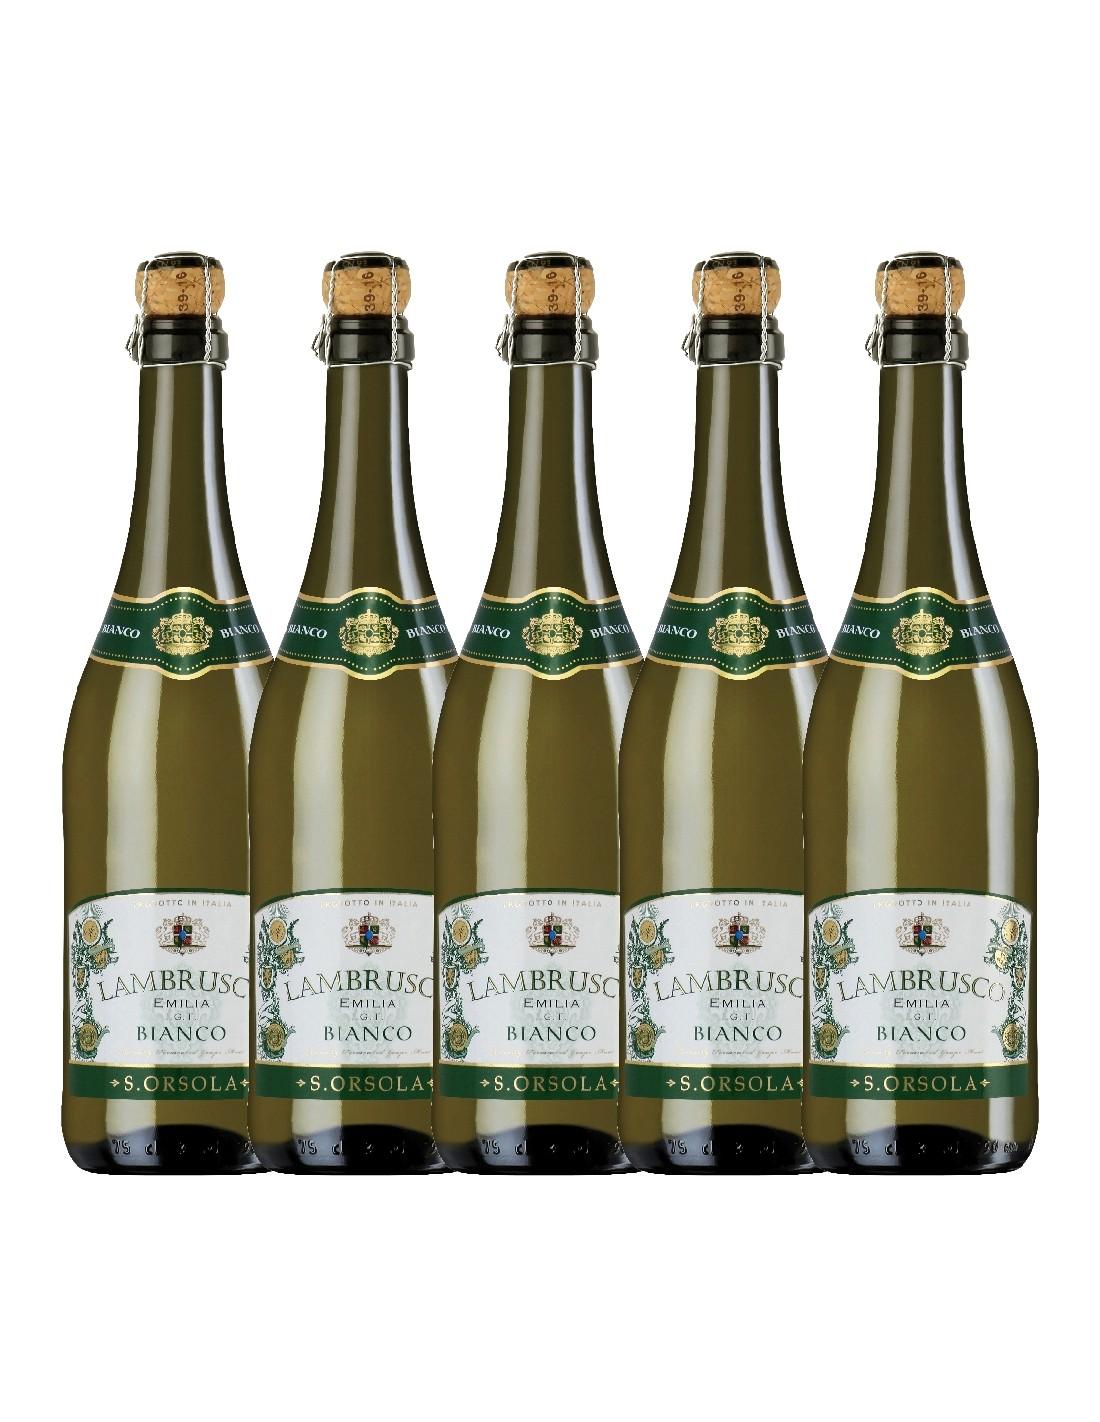 Pachet 5 sticle Vin alb, Lambrusco, SantOrsola Emilia-Romagna, 0.75L, 8% alc., Italia